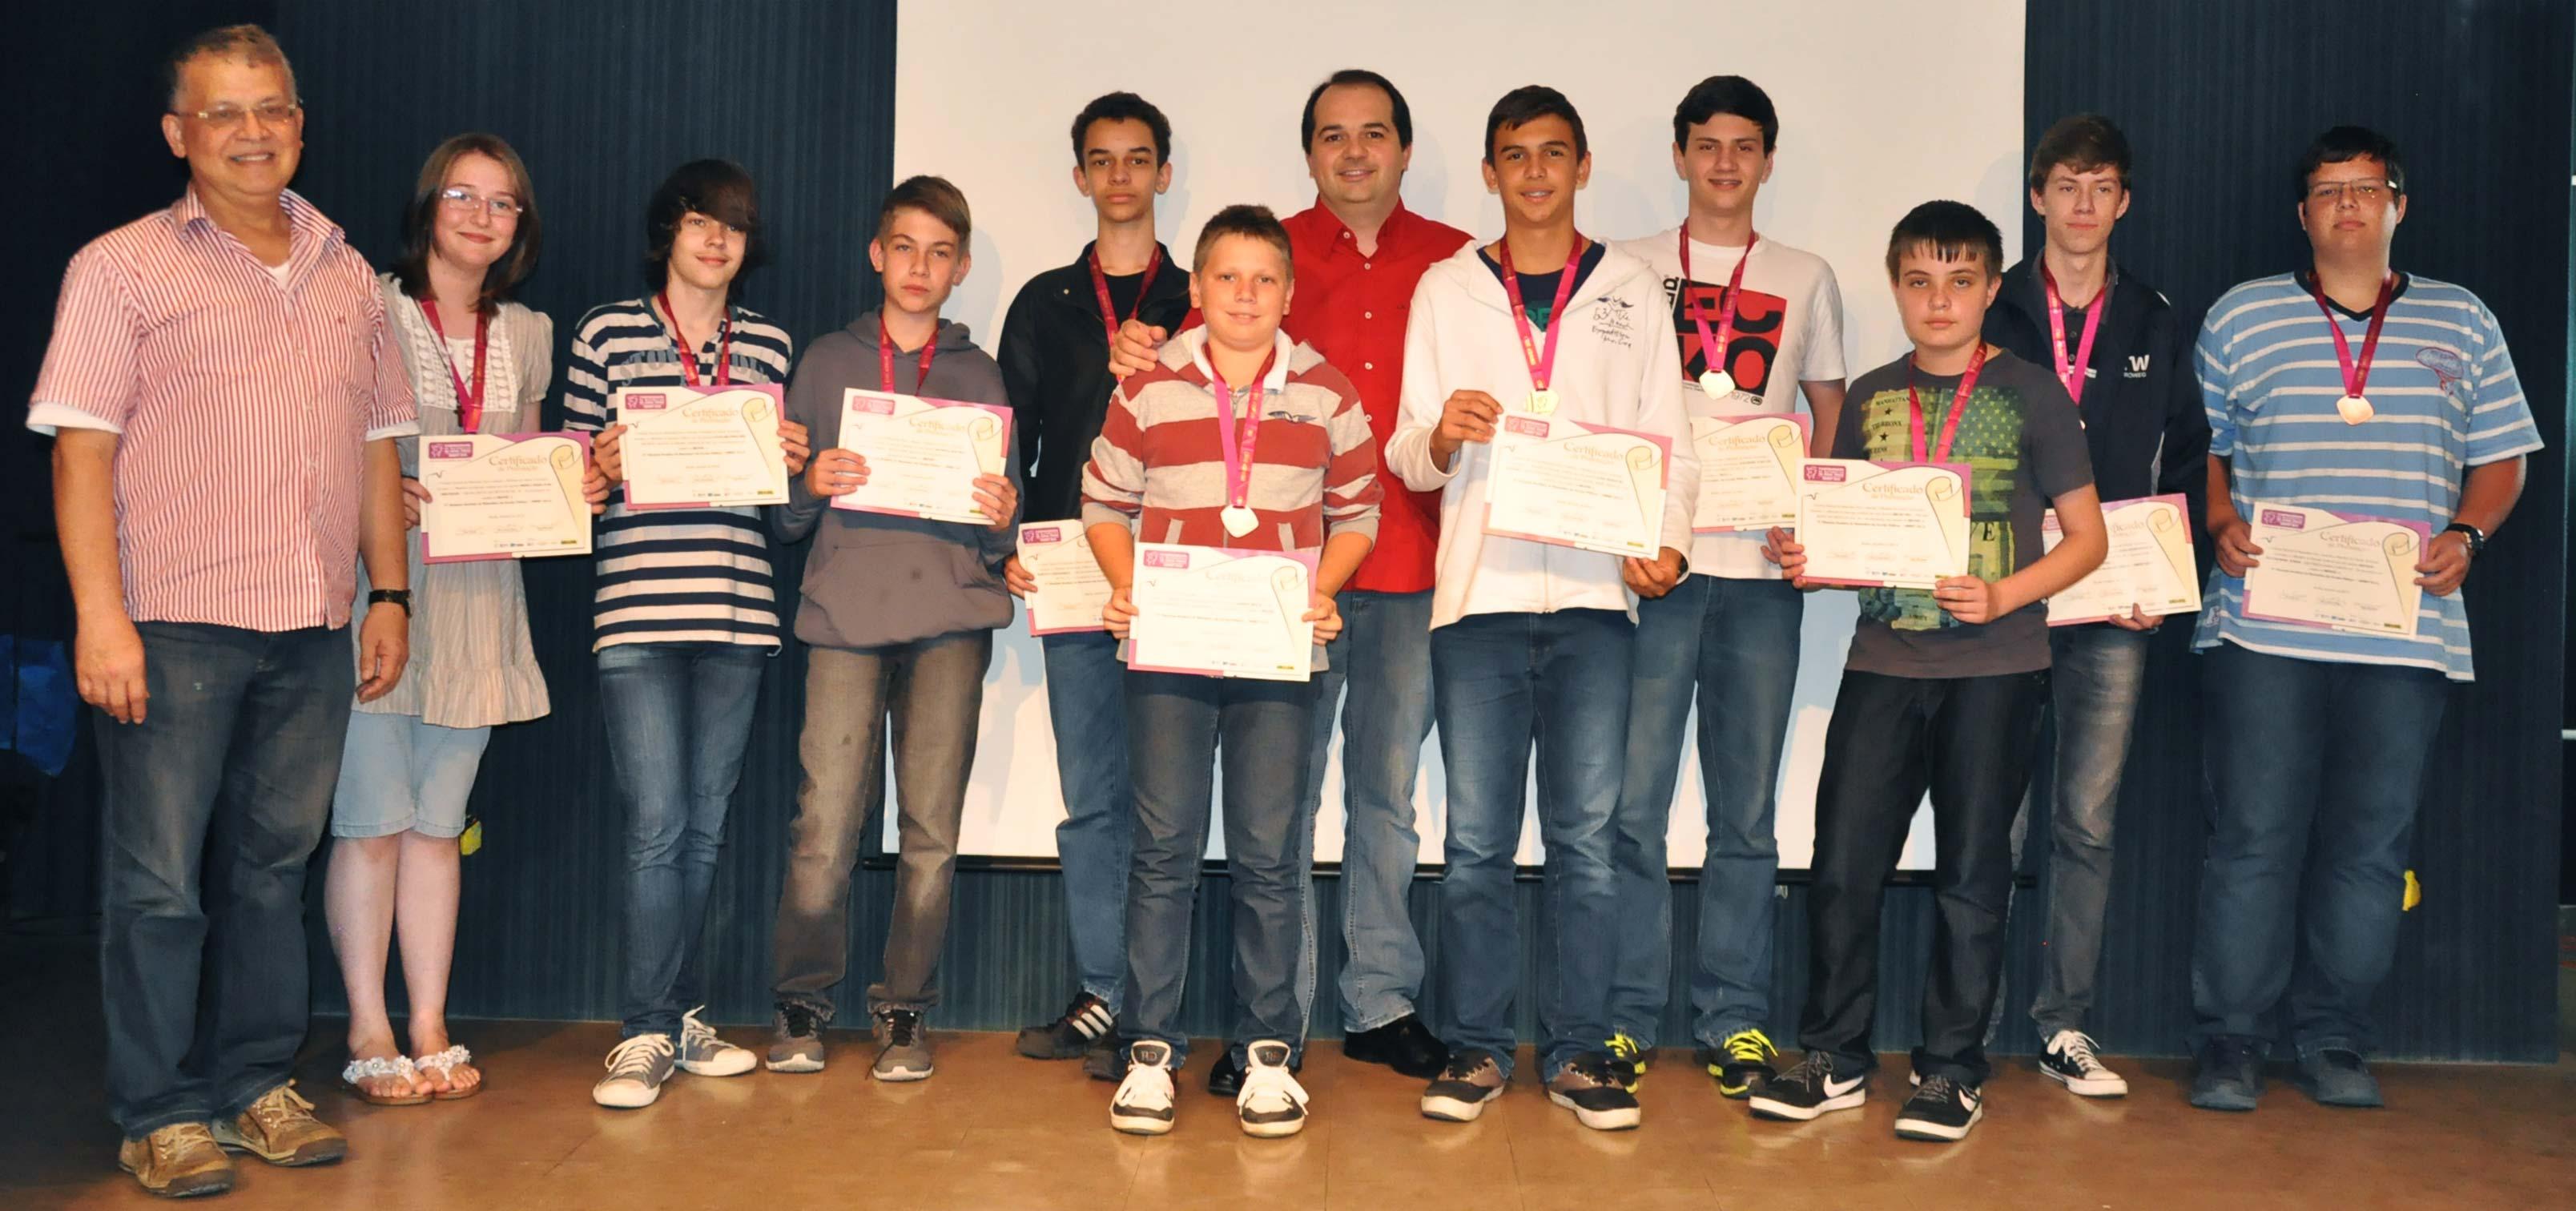 udesc-joinville-entrega-medalhas-a-vencedores-da-obmep